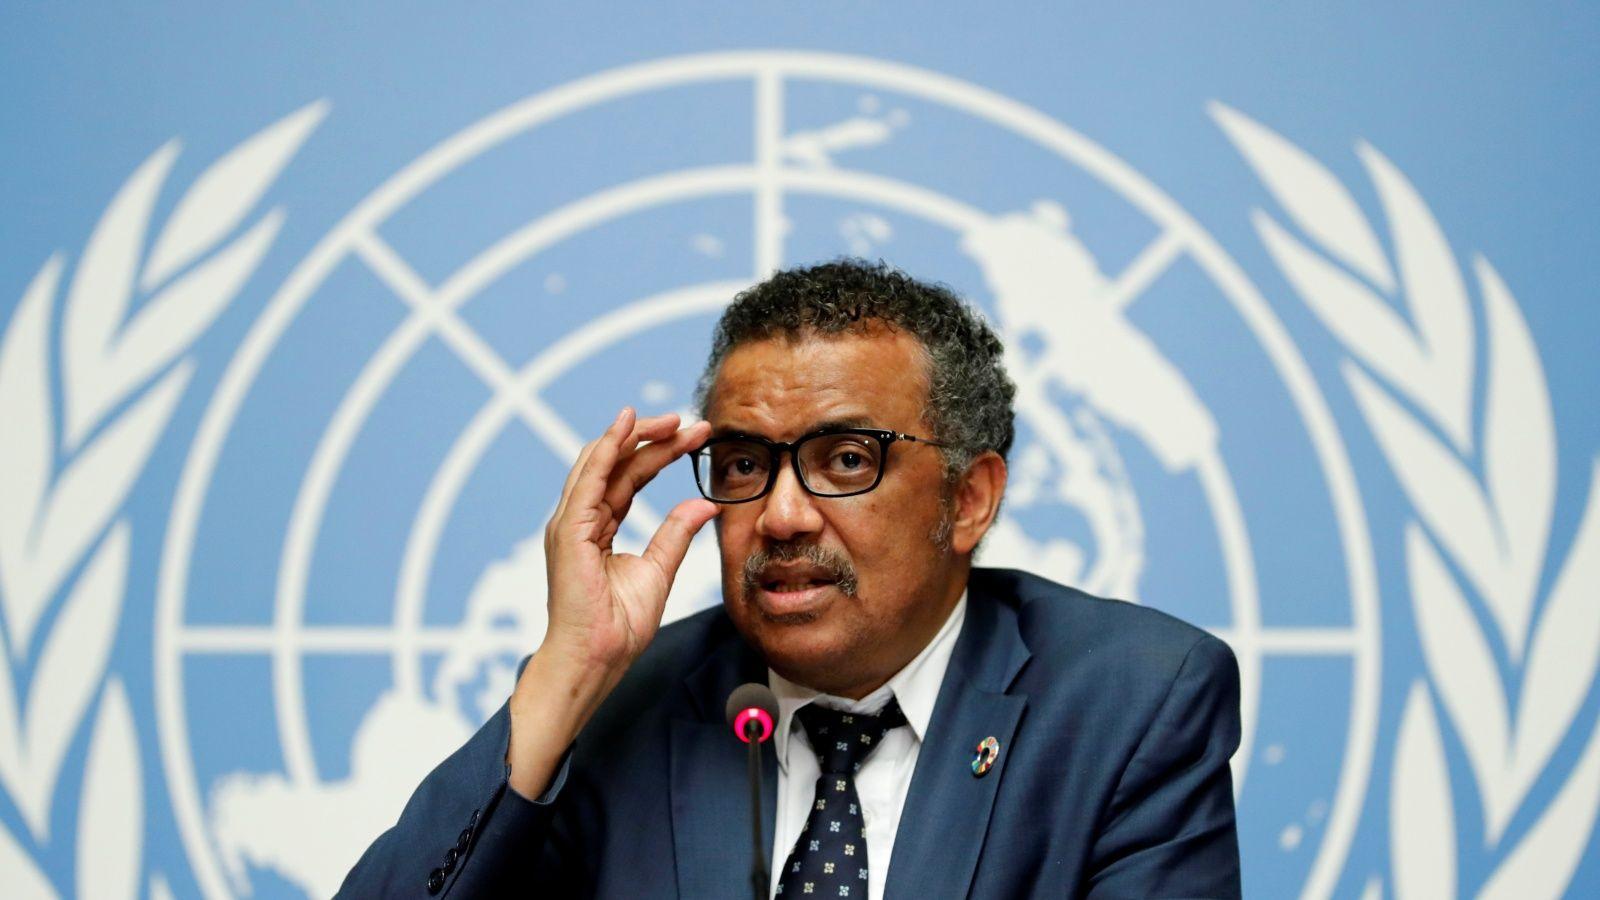 WHO chief Tedros Adhanom Ghebreyesus